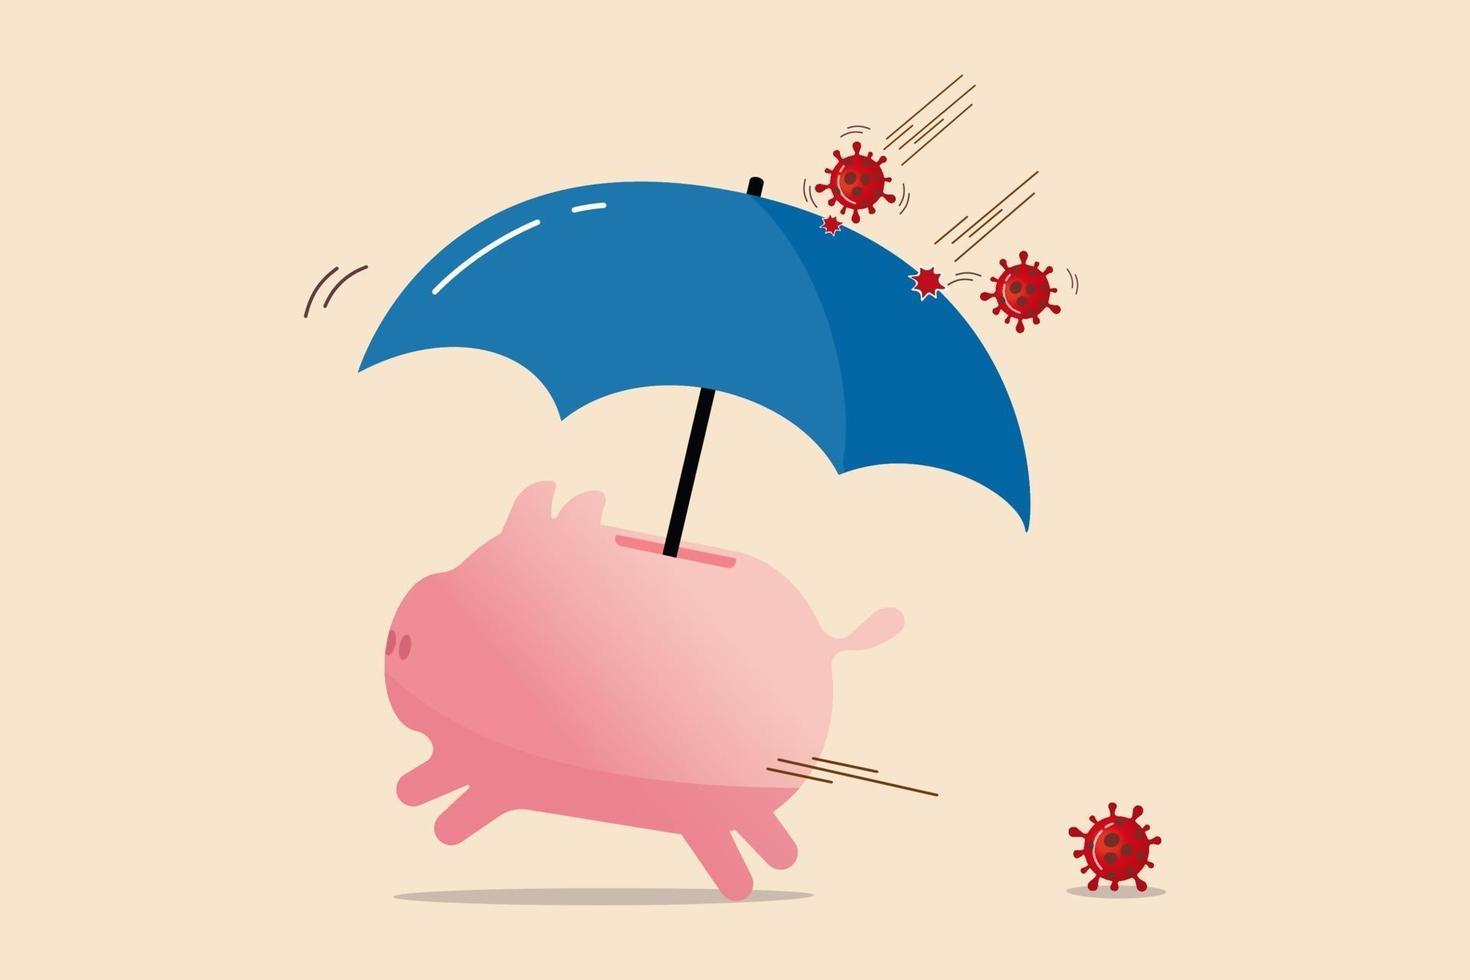 covid-19 sjukdomsskydd, koronavirusförsäkring eller ekonomisk och investeringssäkerhet i koronaviruspandemikrisbegrepp, spargris med skyddsparaply för att skydda mot viruspatogenpåverkan. vektor